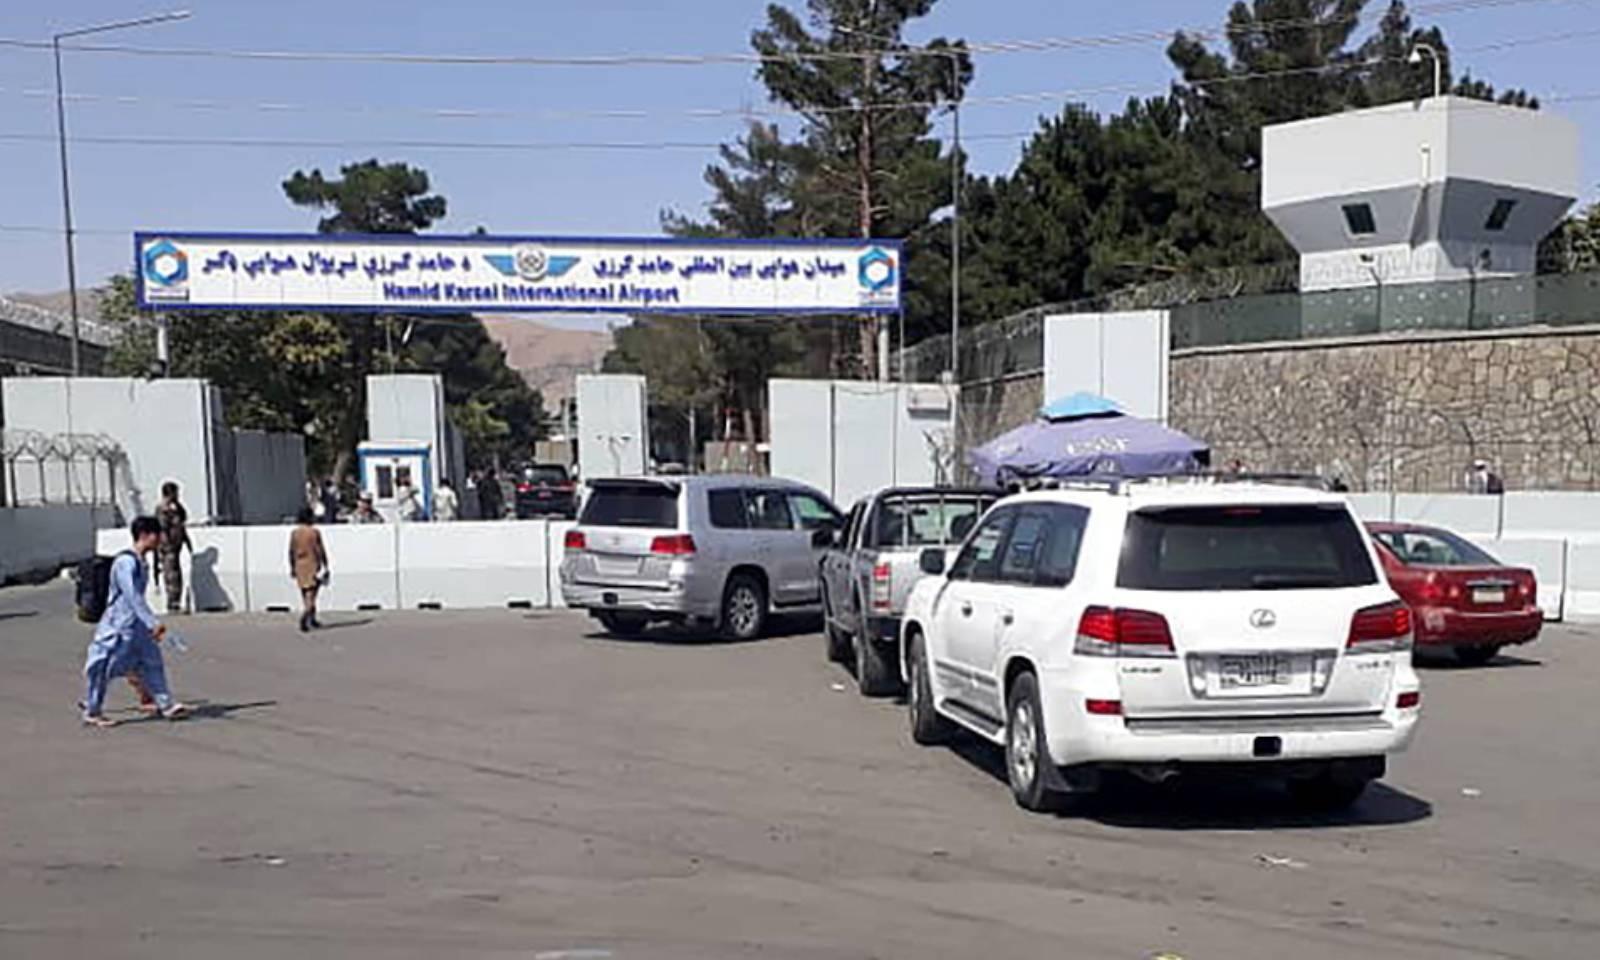 سیکیورٹی اہلکار کابل ایئرپورٹ جانے والی گاڑیوں کی چیکنگ کررہے ہیں—فوٹو: رائٹرز